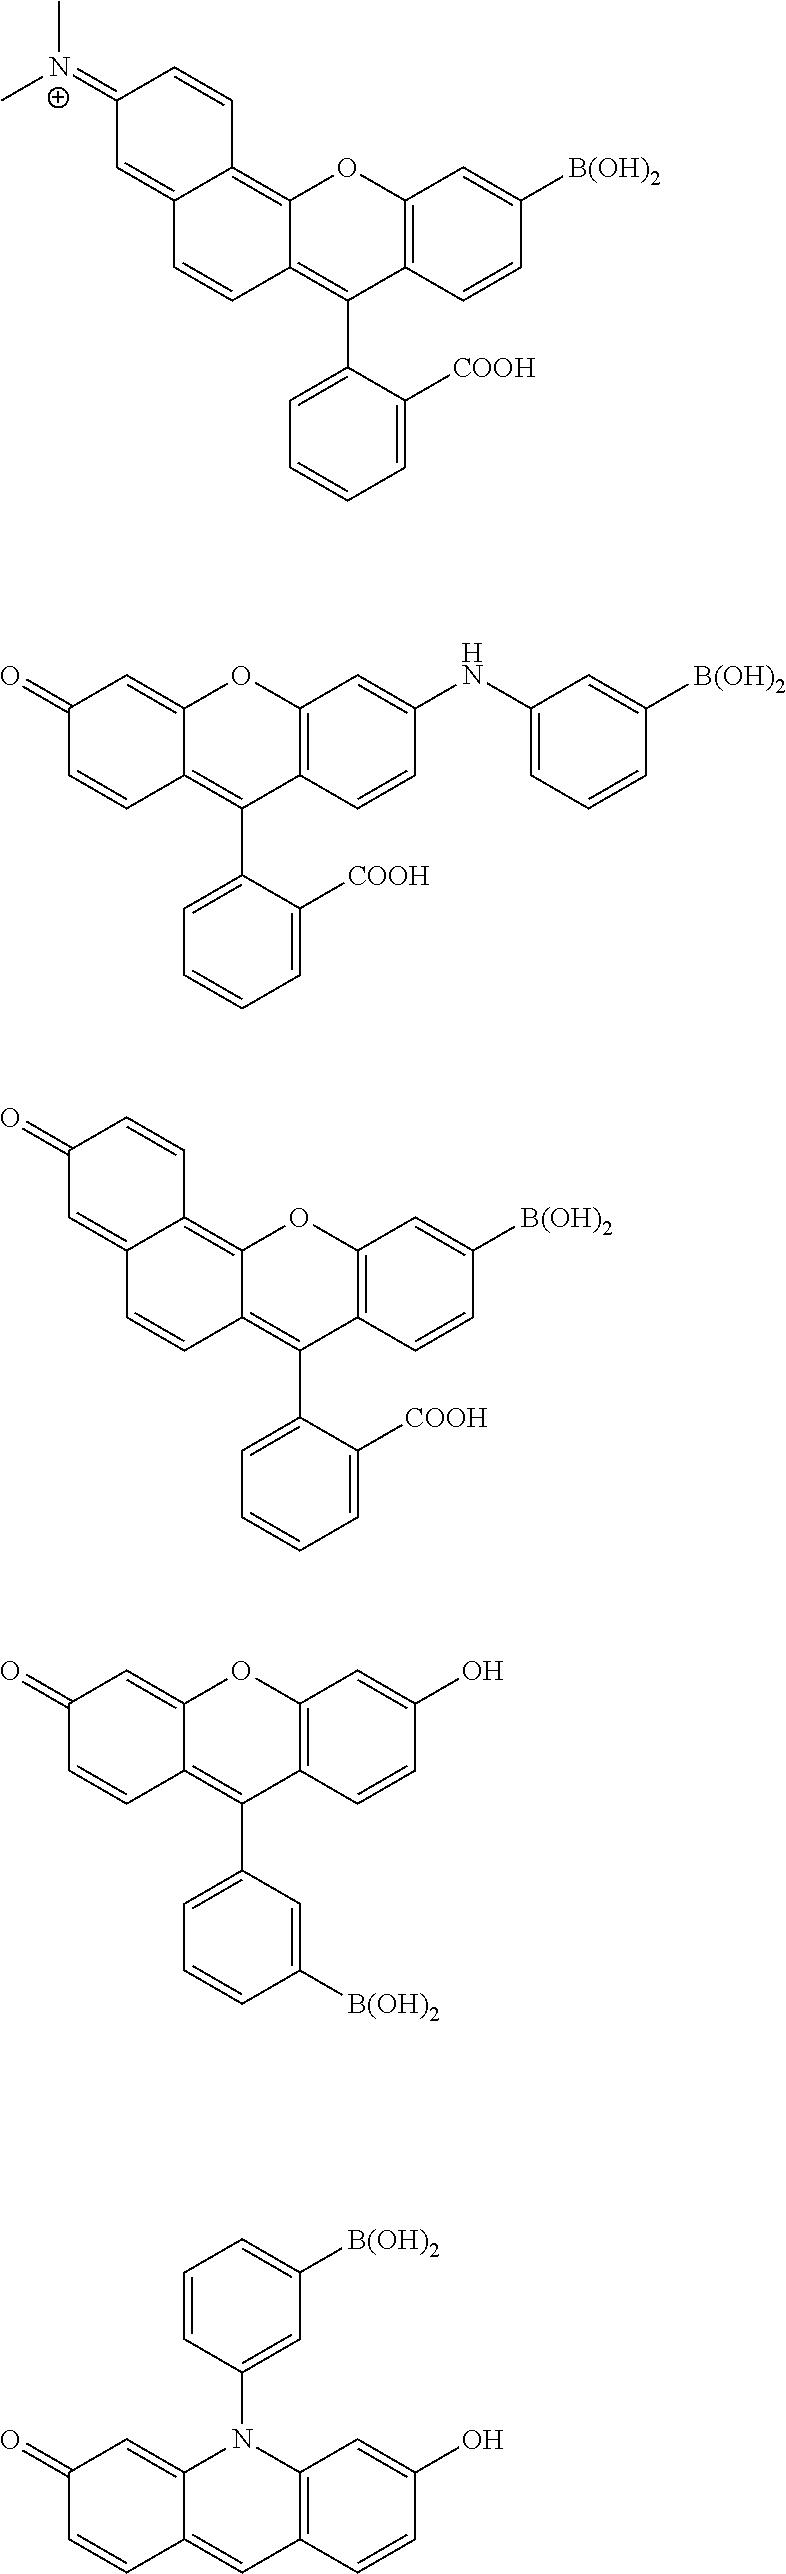 Figure US08466286-20130618-C00023